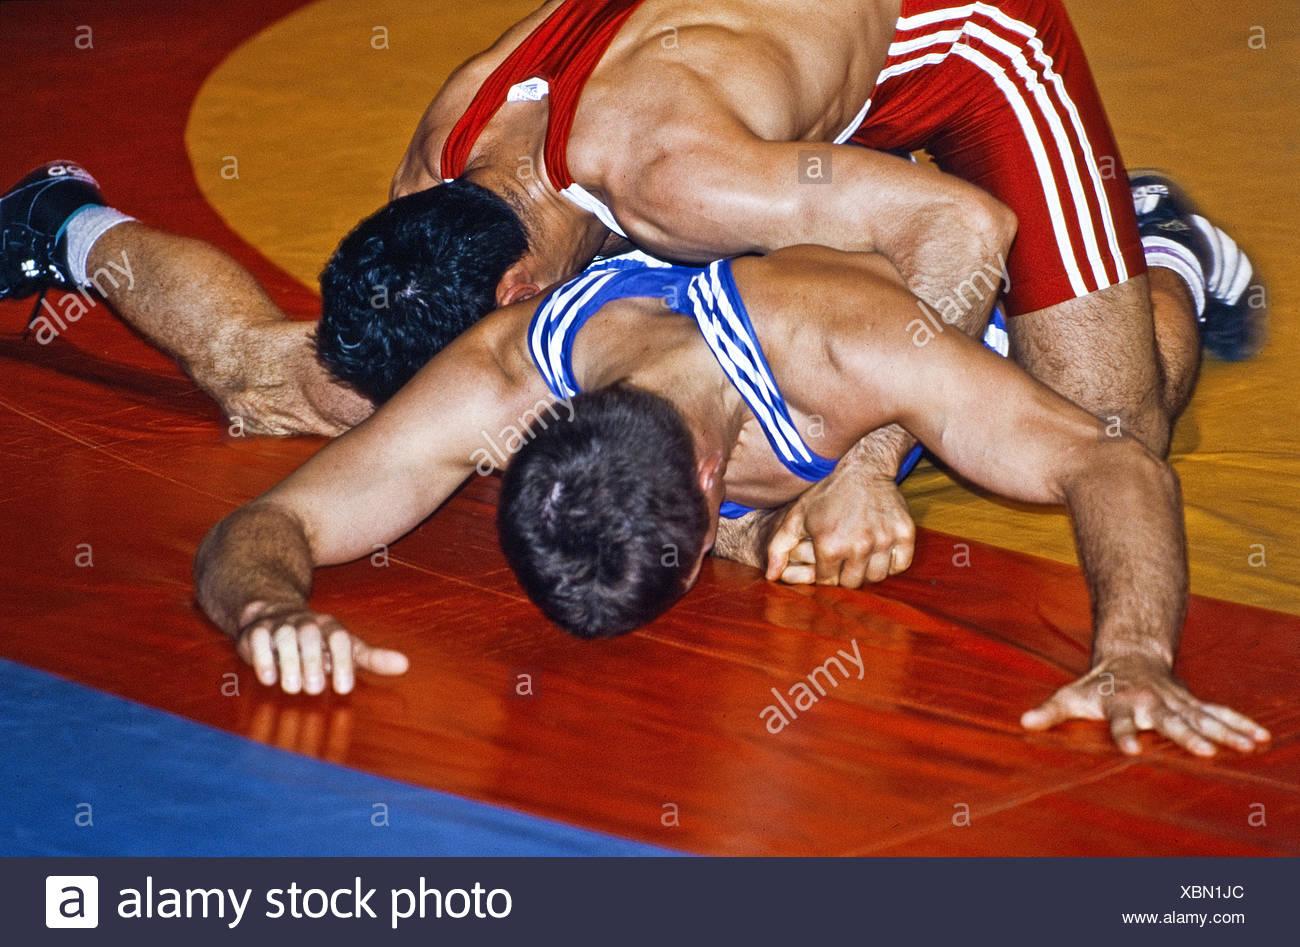 Wrestling KSV Witten 07, Witten, Germany - Stock Image